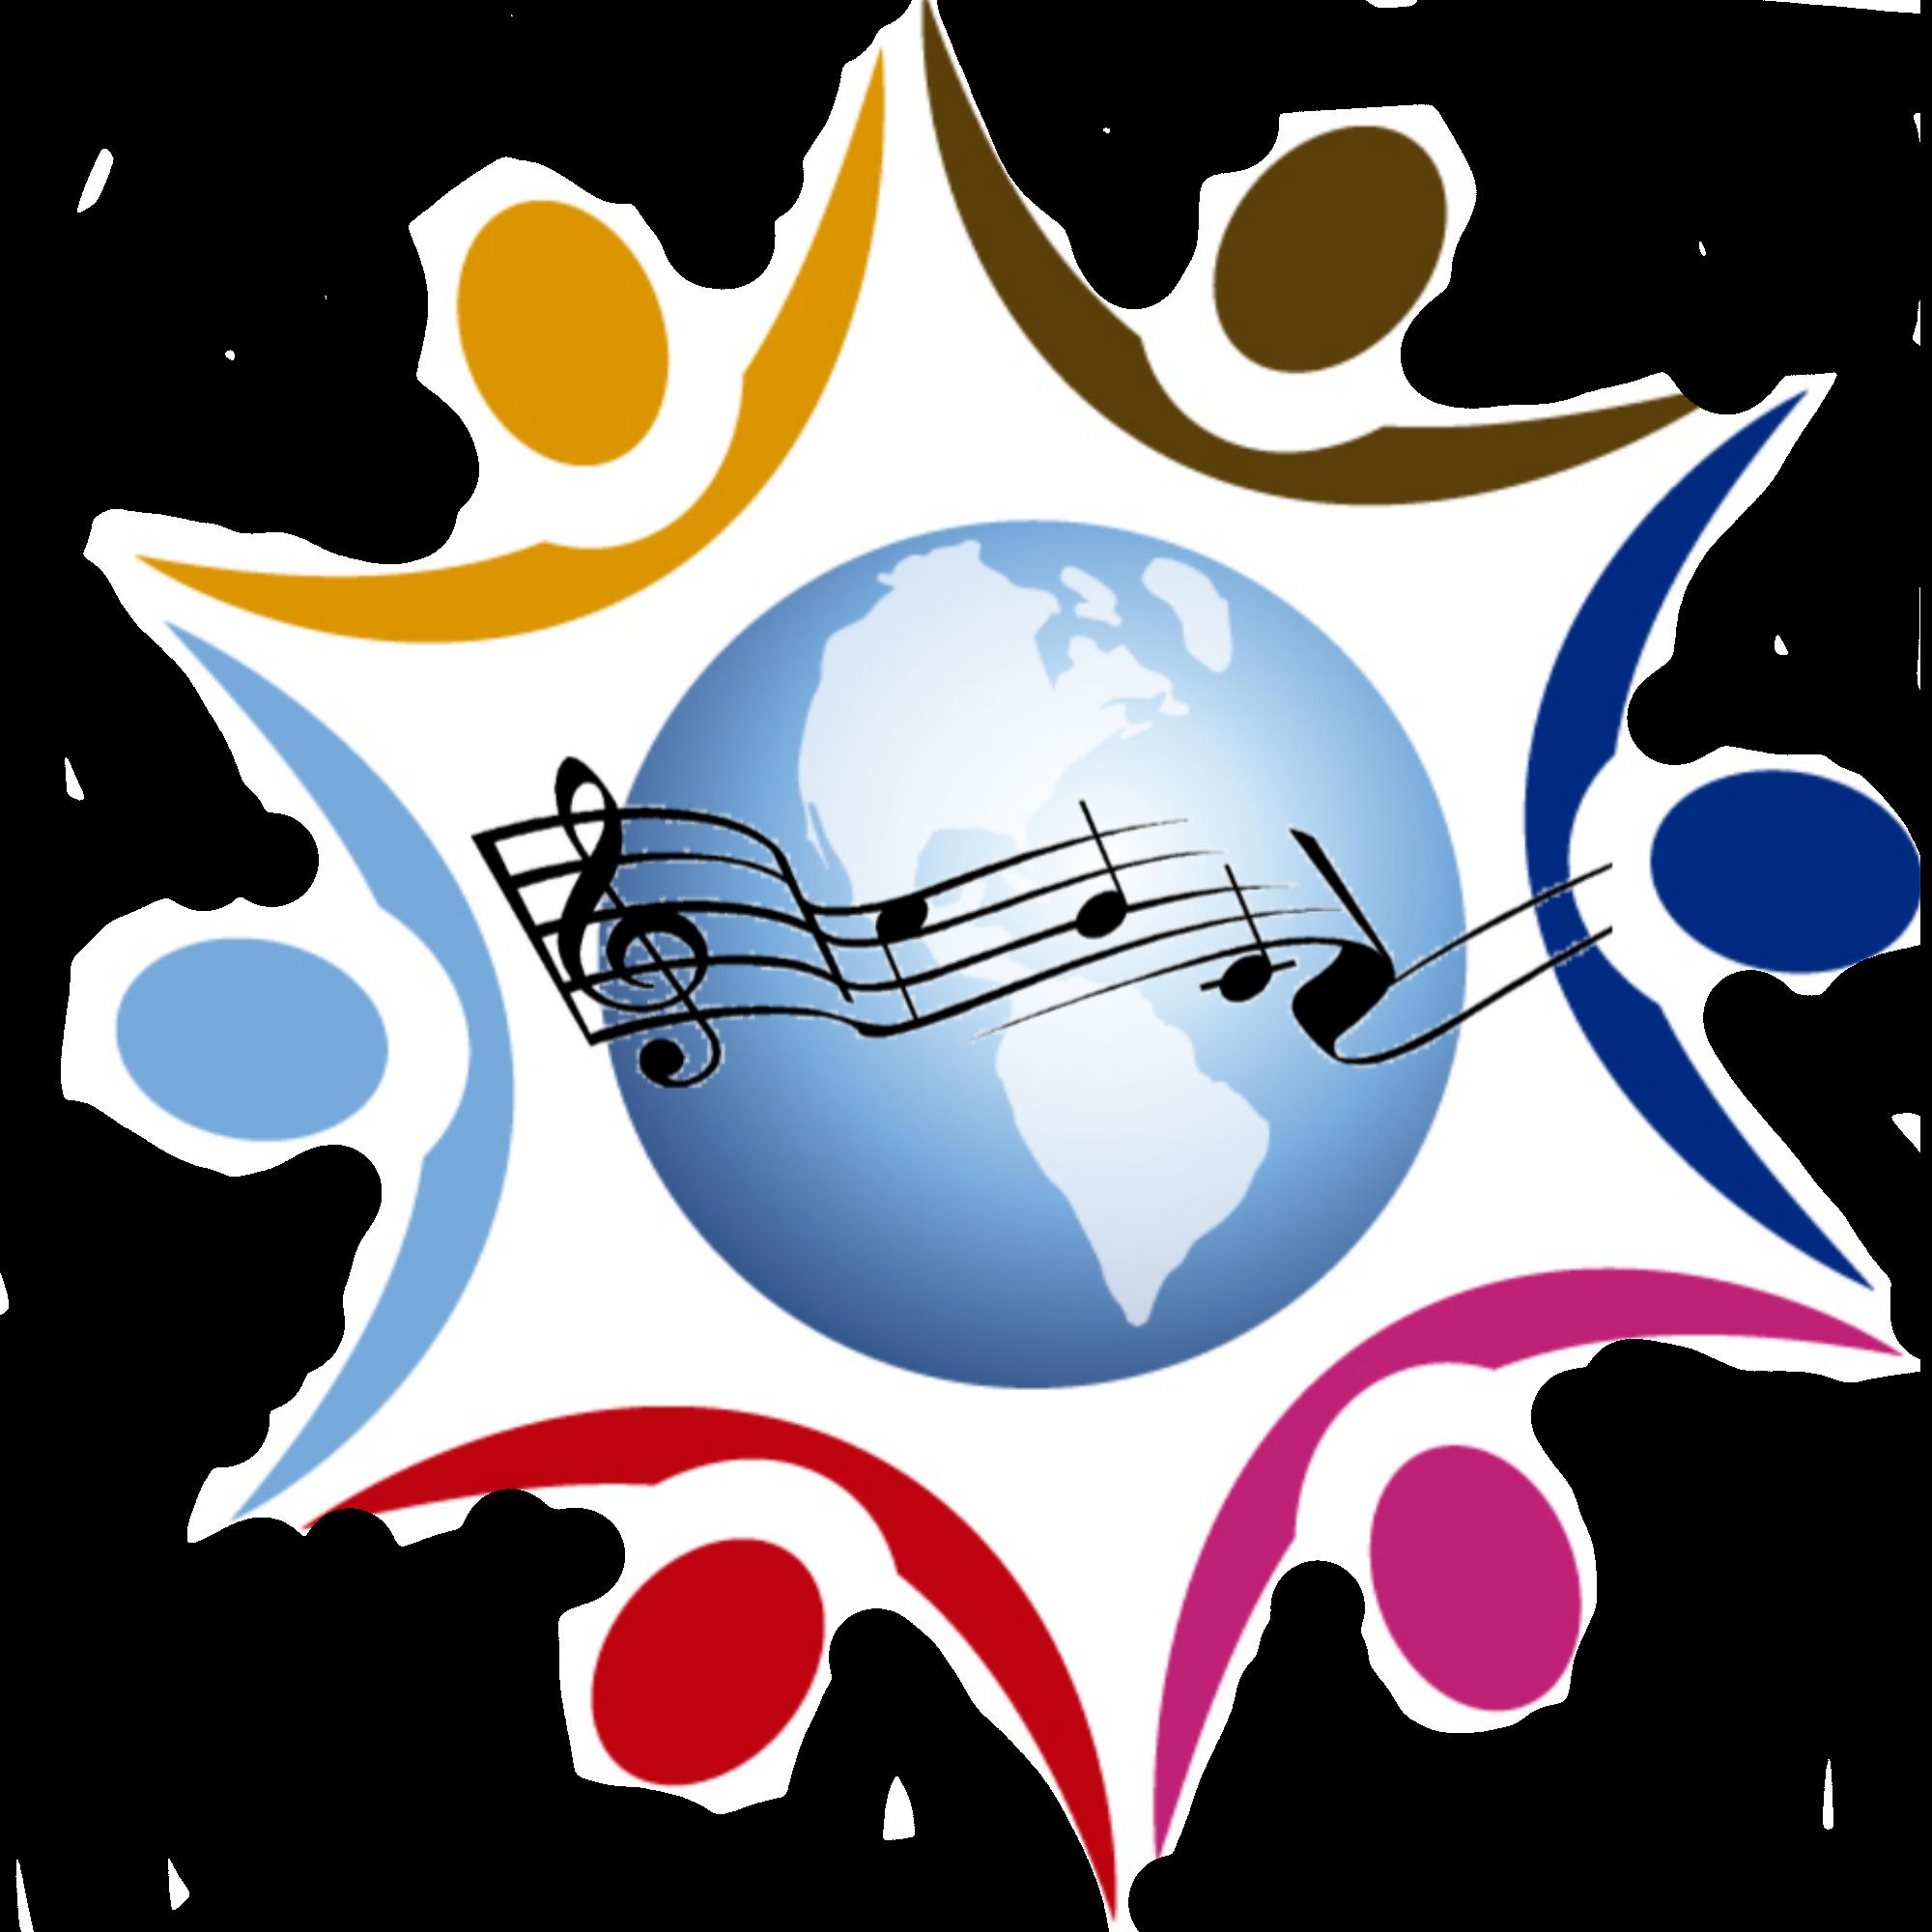 Creation clipart world community. Acts of faith social